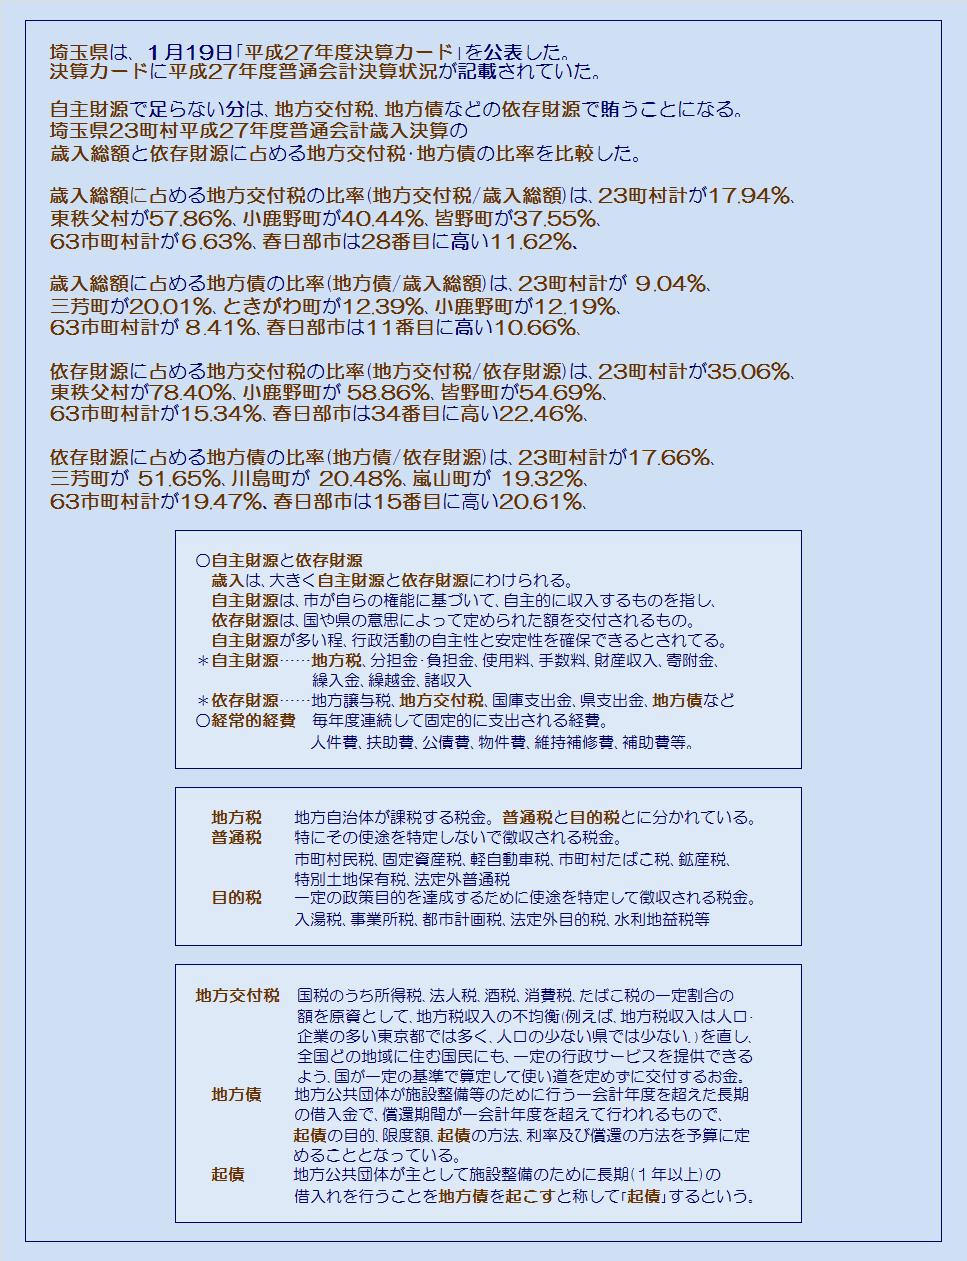 埼玉県23町村平成27年度普通会計決算・依存財源を構成する地方交付税・地方債の歳入総額に占める比率・コメント